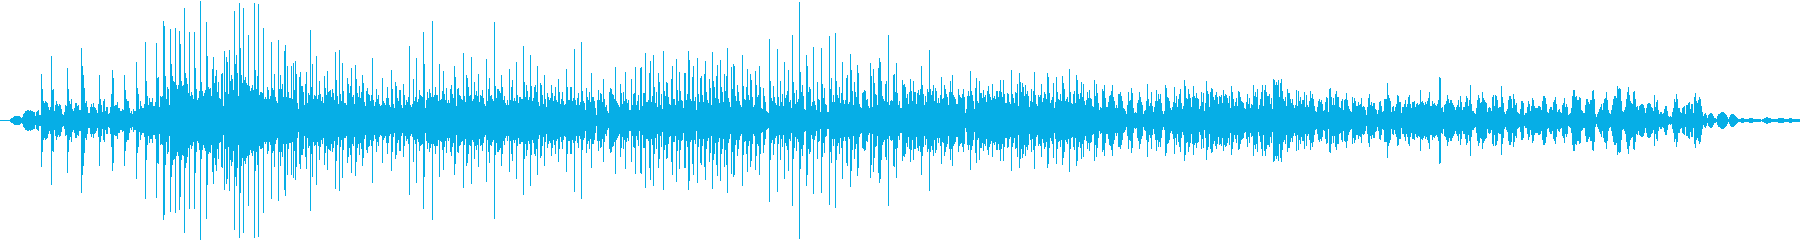 ジー(ジッパーの音※ゆっくり長め)の再生済みの波形